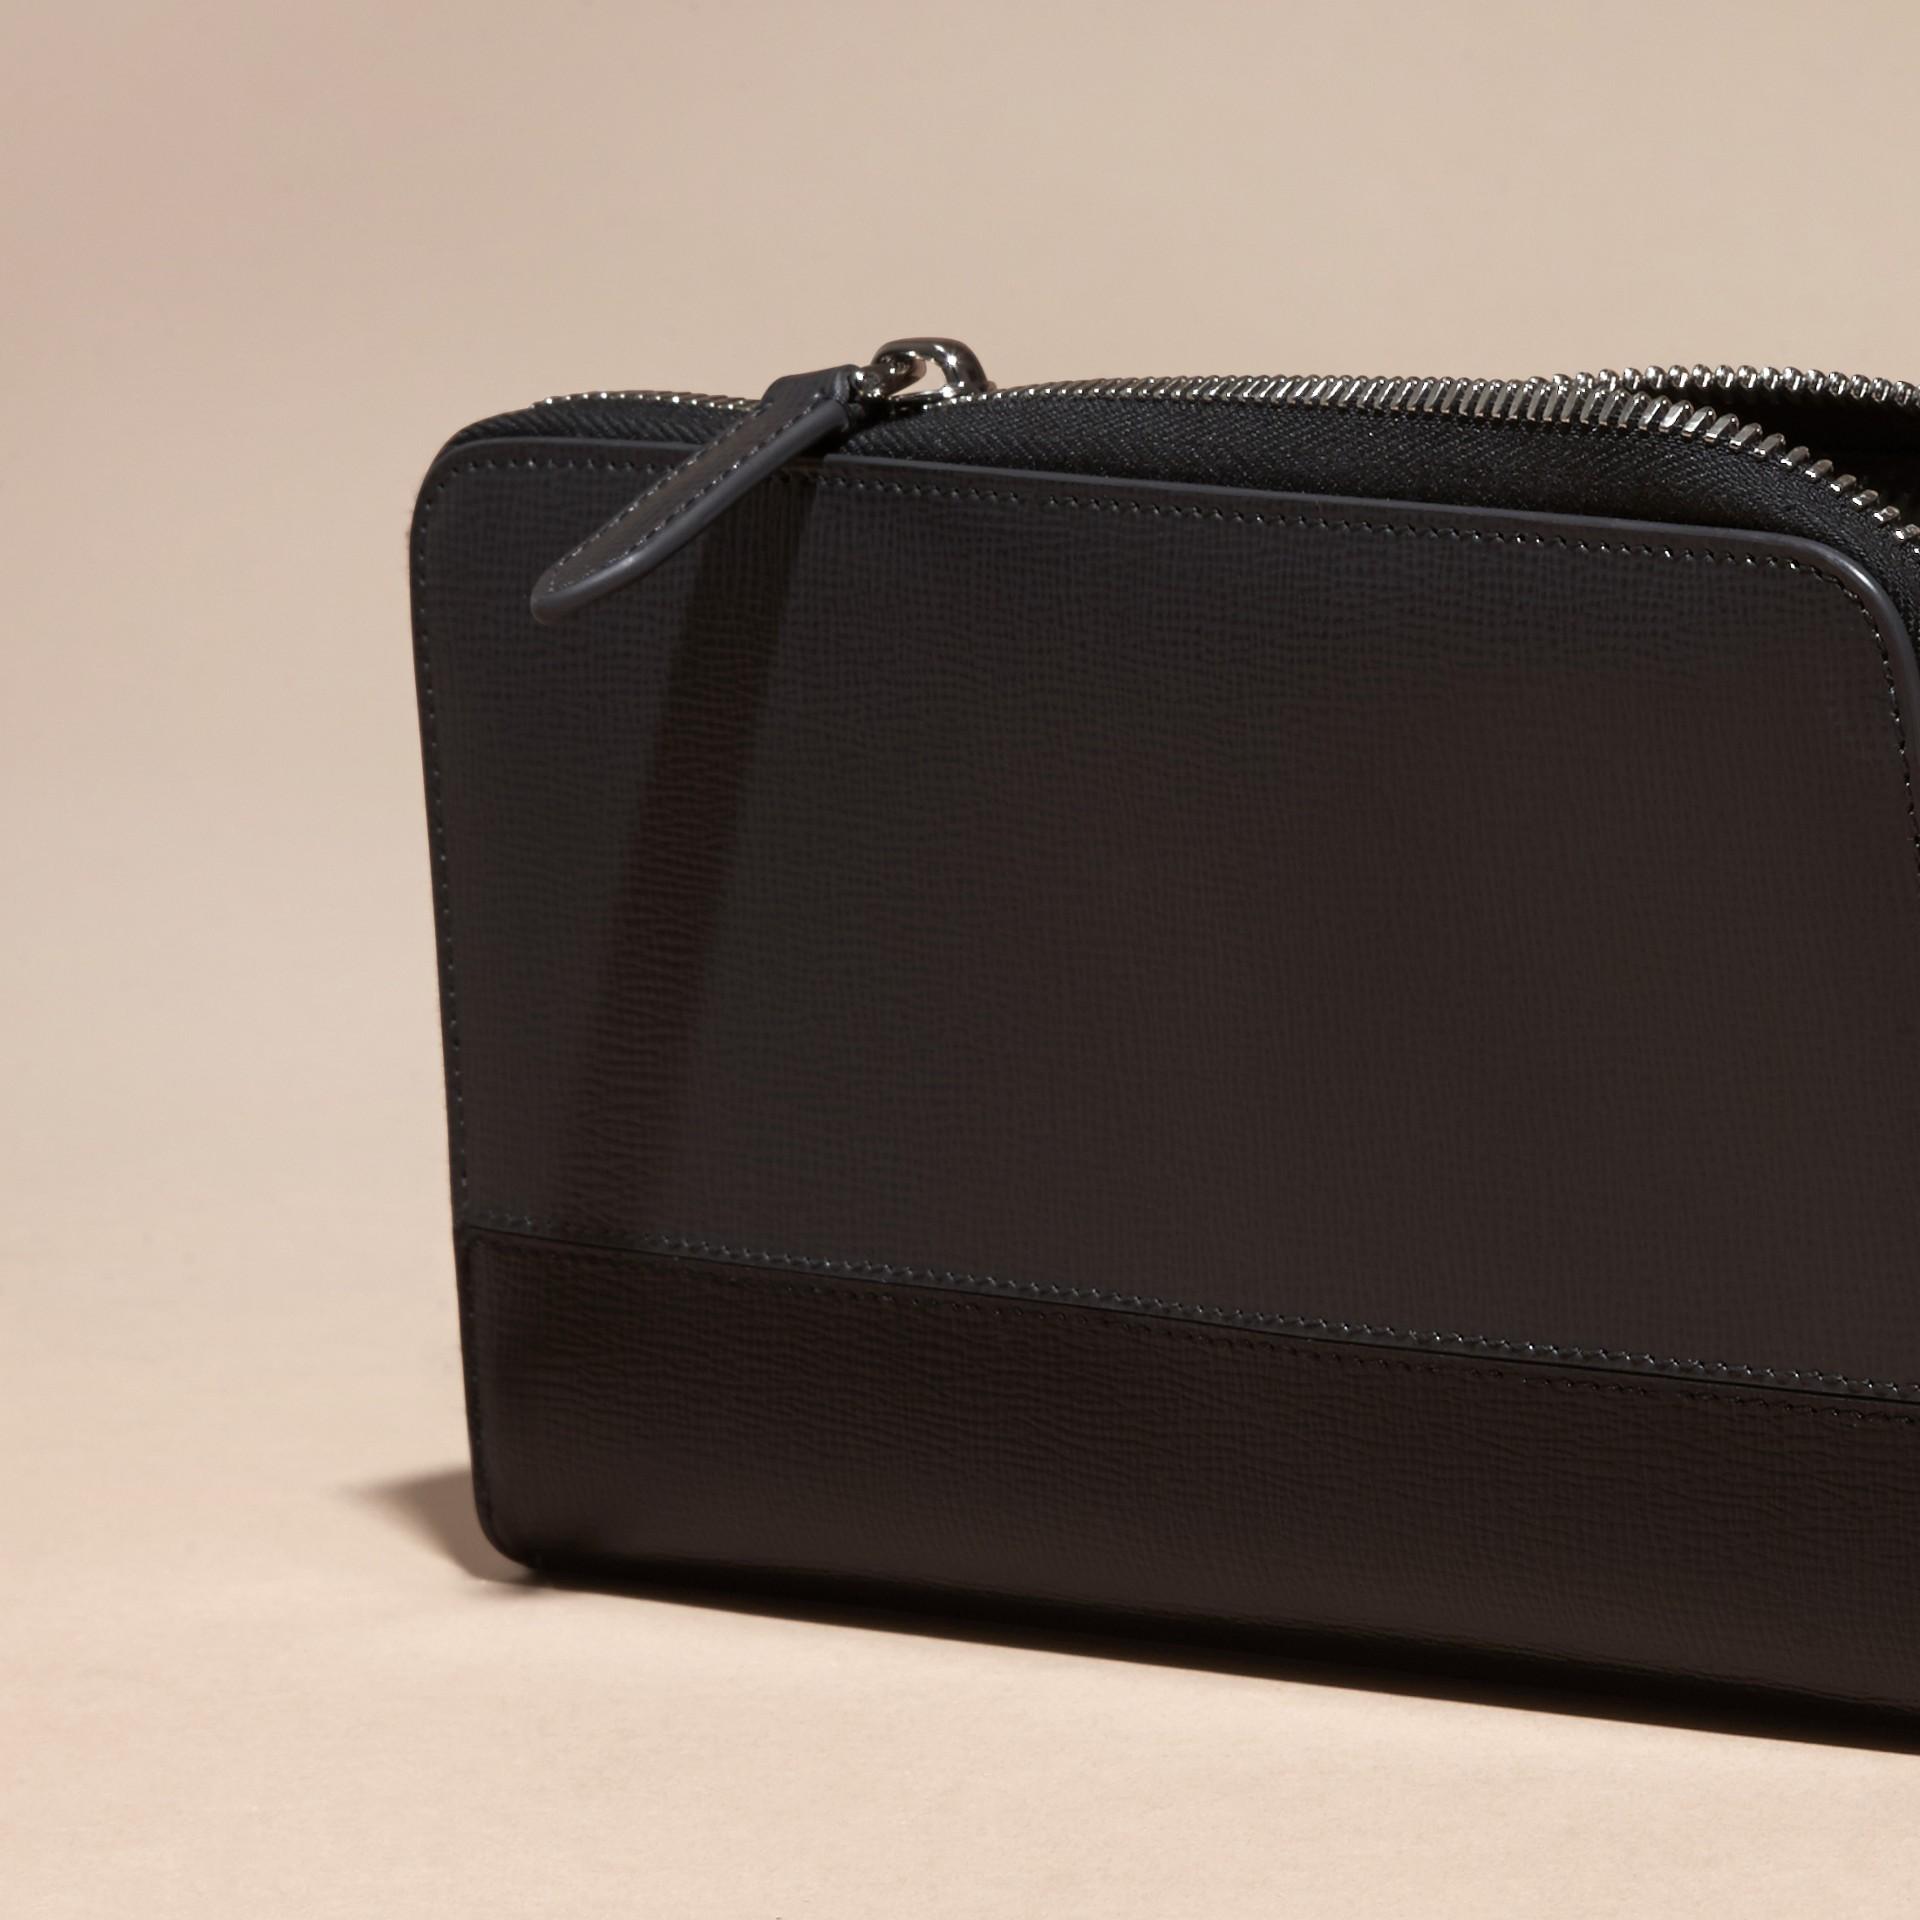 炭灰色/黑色 拼色 London 皮革環繞式拉鍊皮夾 炭灰色/黑色 - 圖庫照片 2